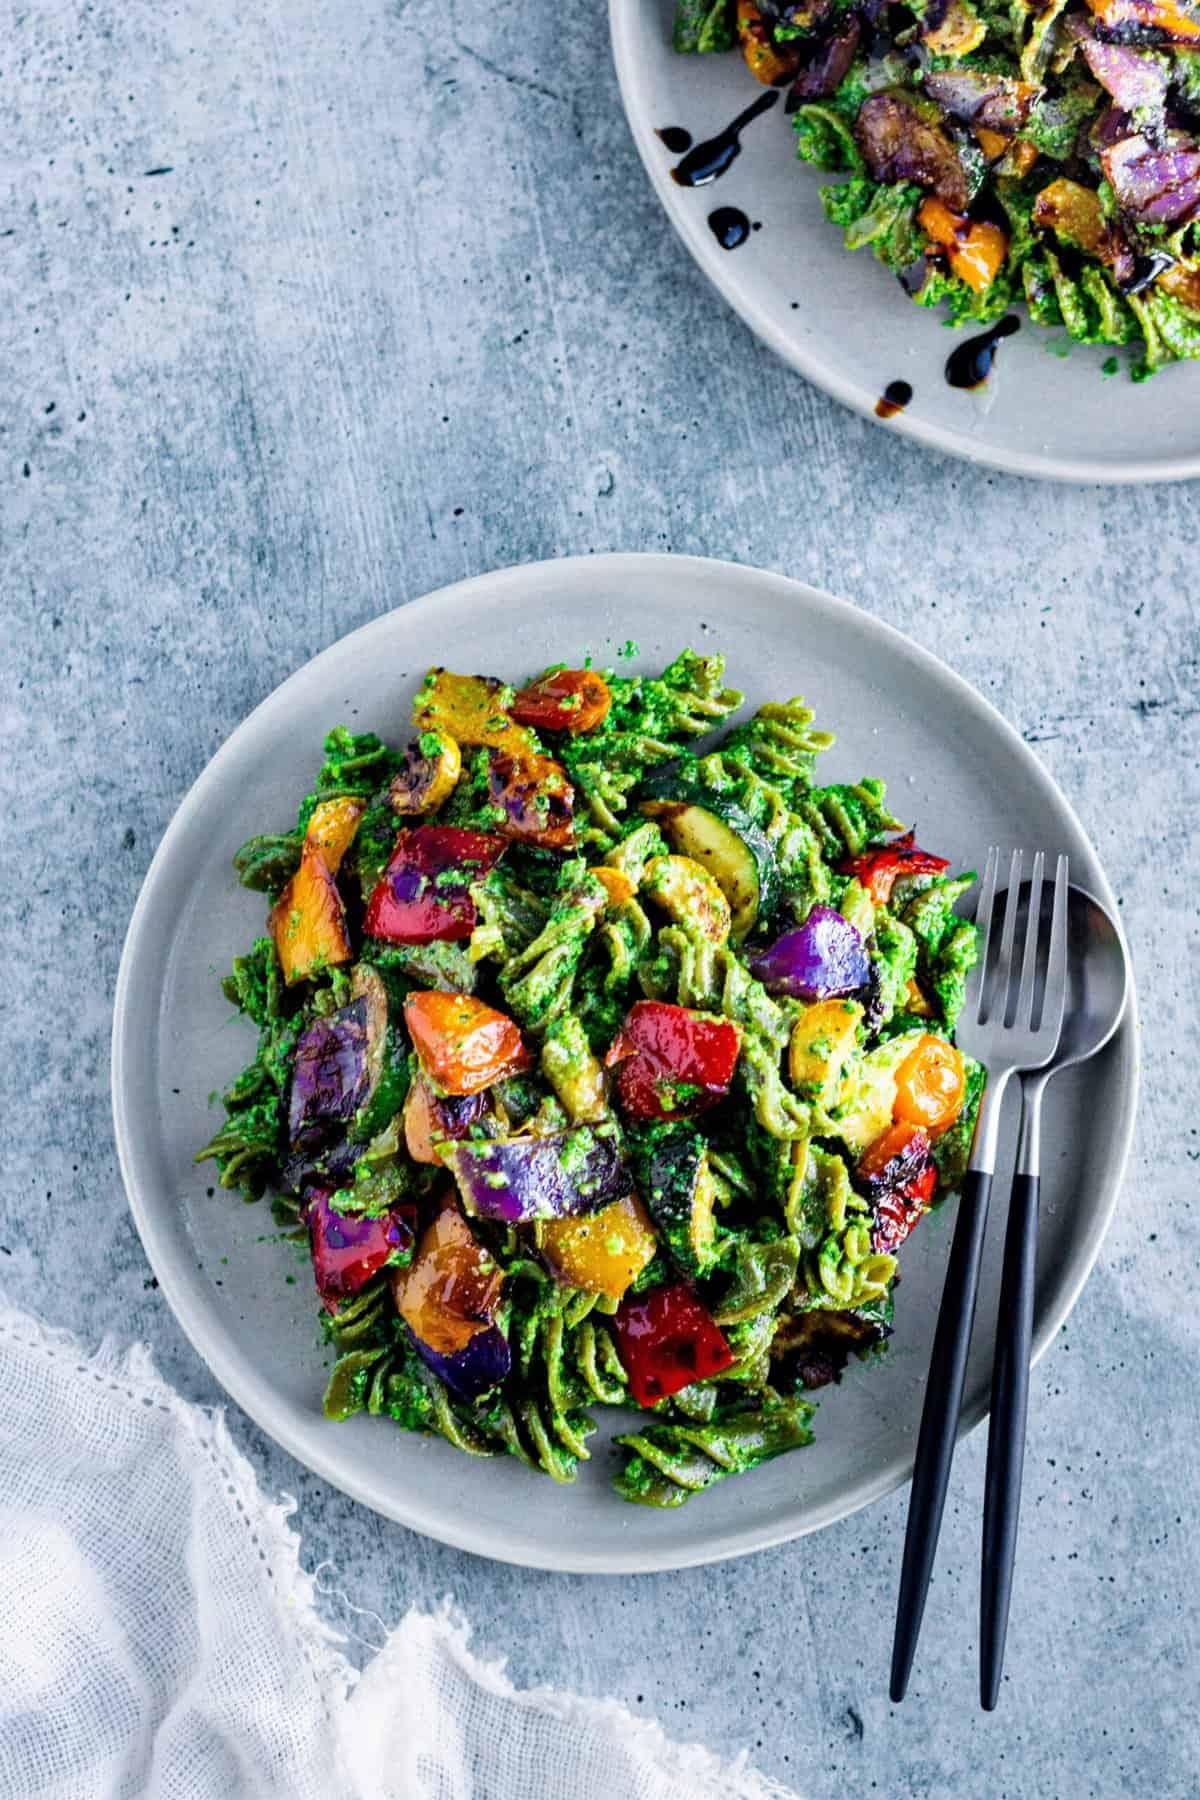 Grilled Summer Veggies Over Pesto Pasta